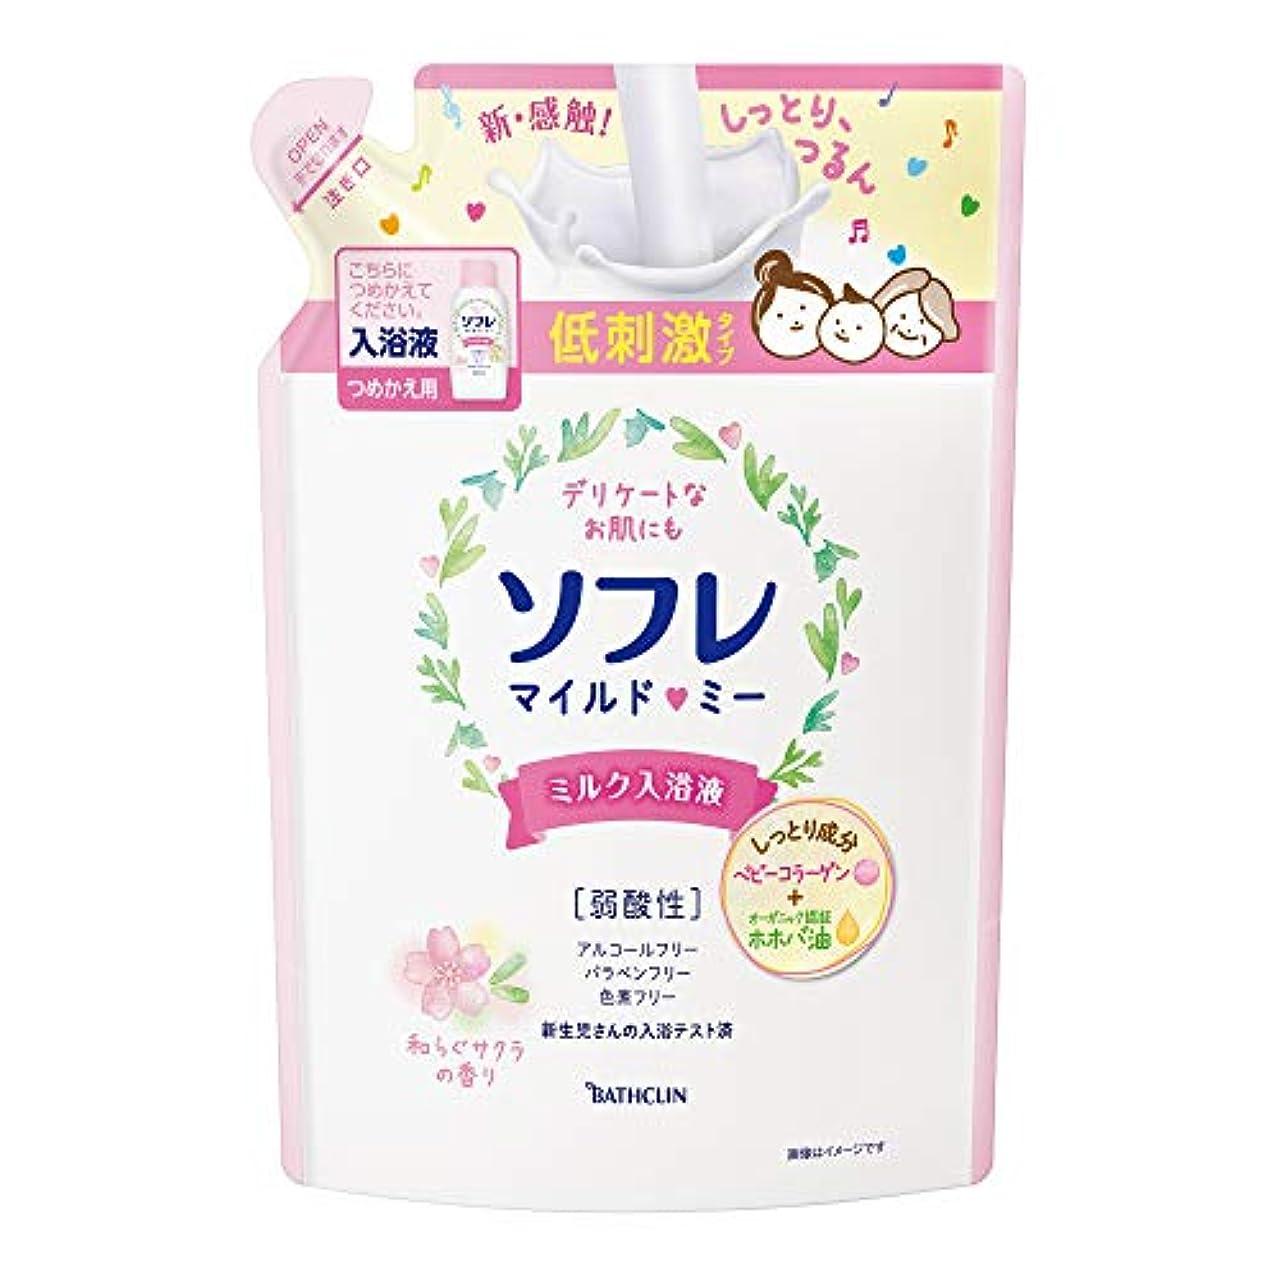 終点十年しばしばバスクリン ソフレ入浴液 マイルド?ミー ミルク 和らぐサクラの香り つめかえ用 600mL保湿 成分配合 赤ちゃんと一緒に使えます。